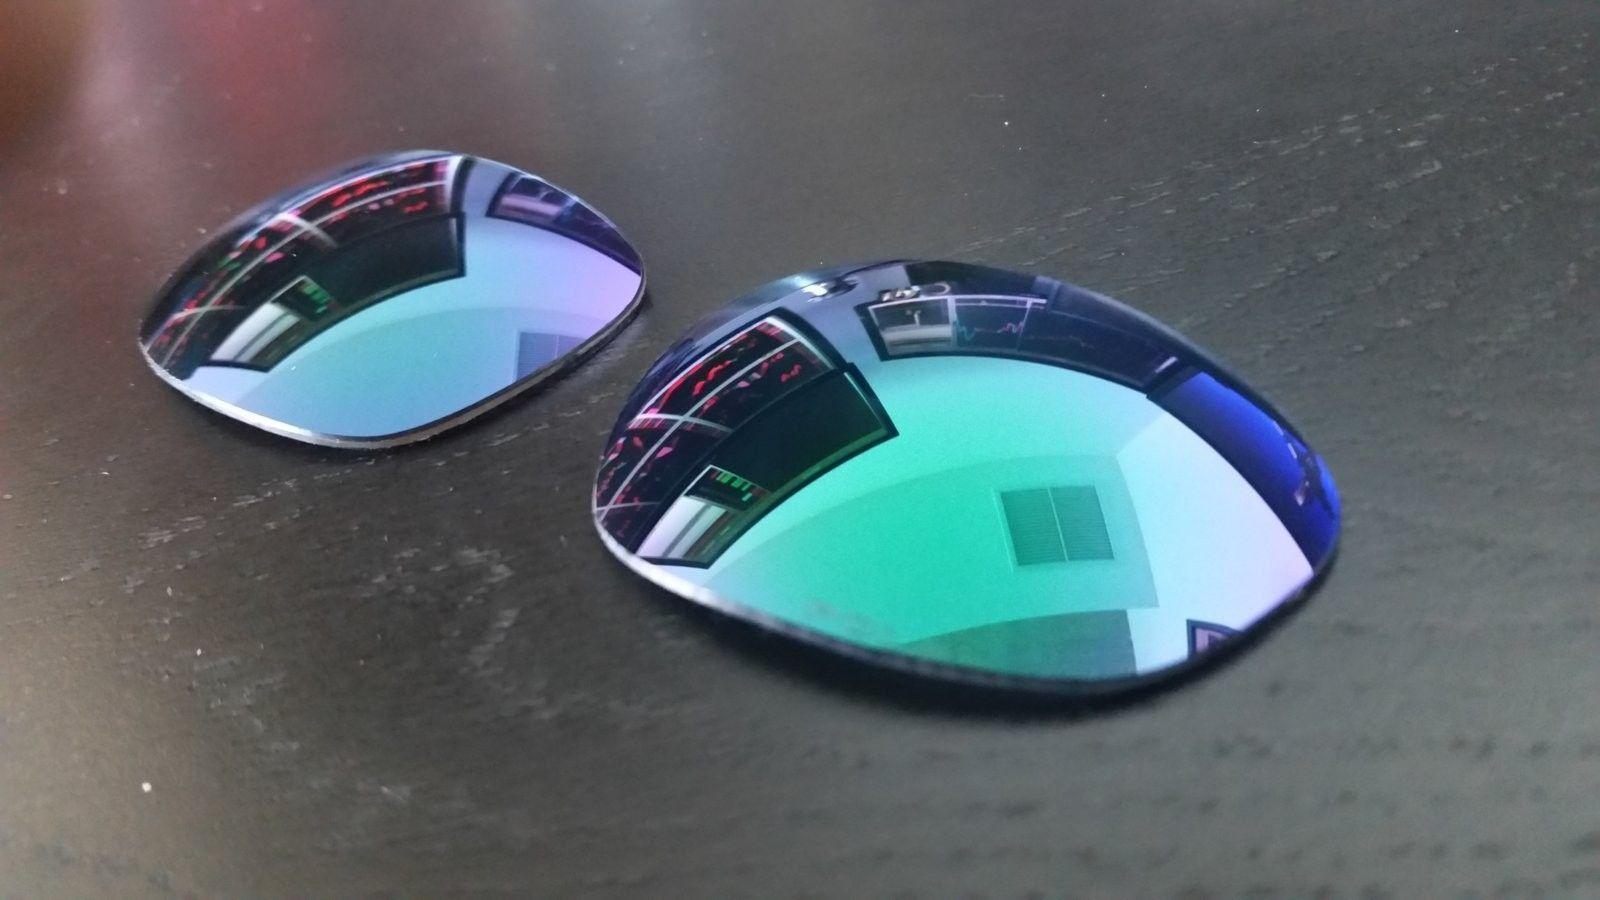 Jade Polarized lenses for XX - custom cut by Chris A Hardaway - 20160916_142930.jpg